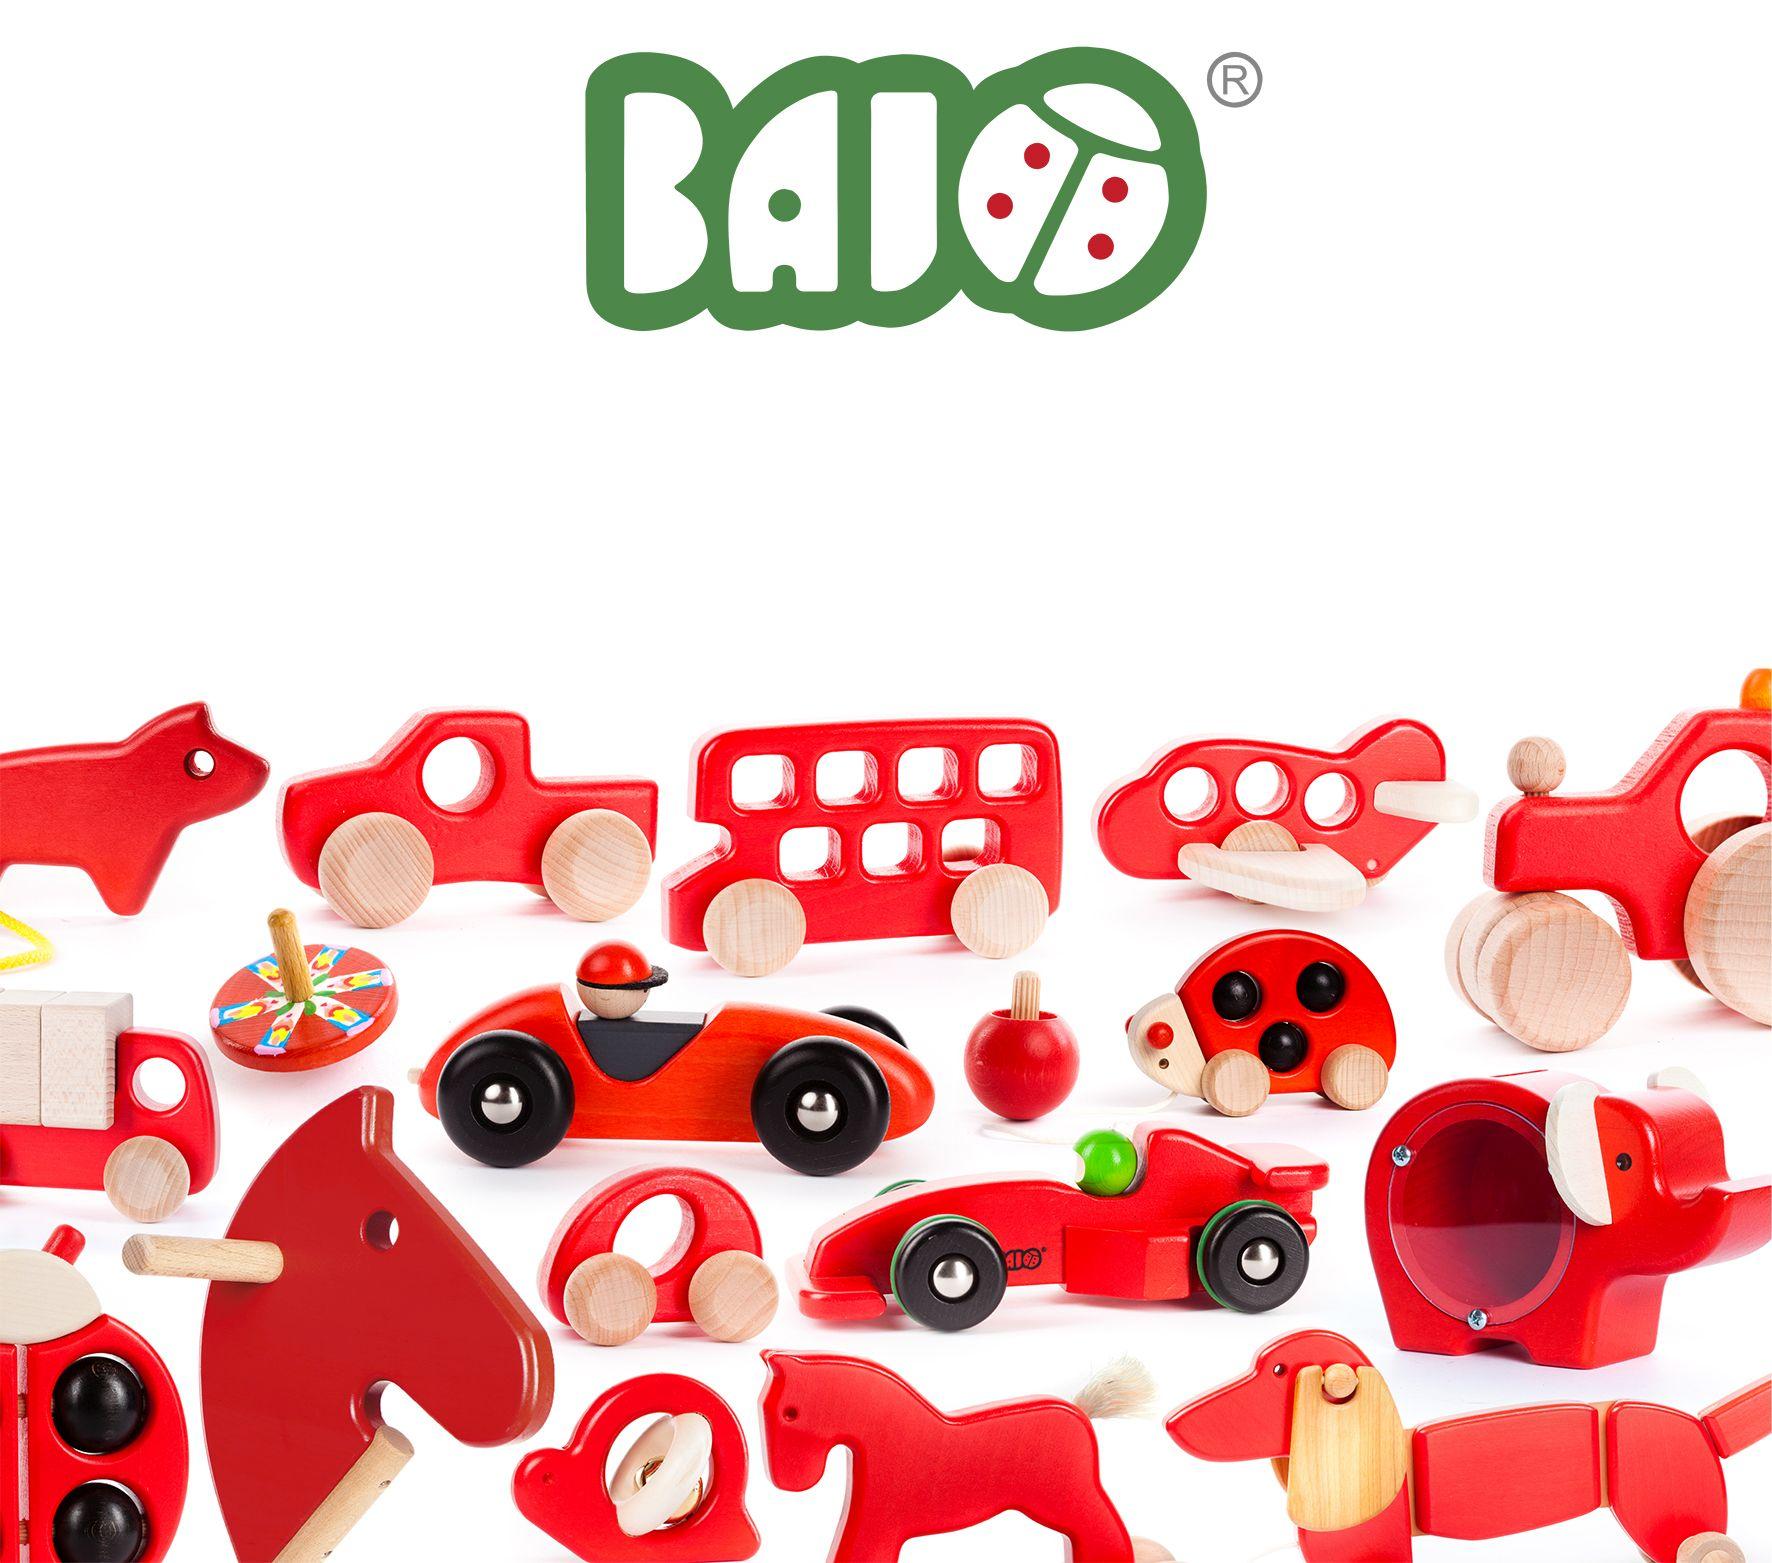 Bajo (fot. materiały promocyjne)